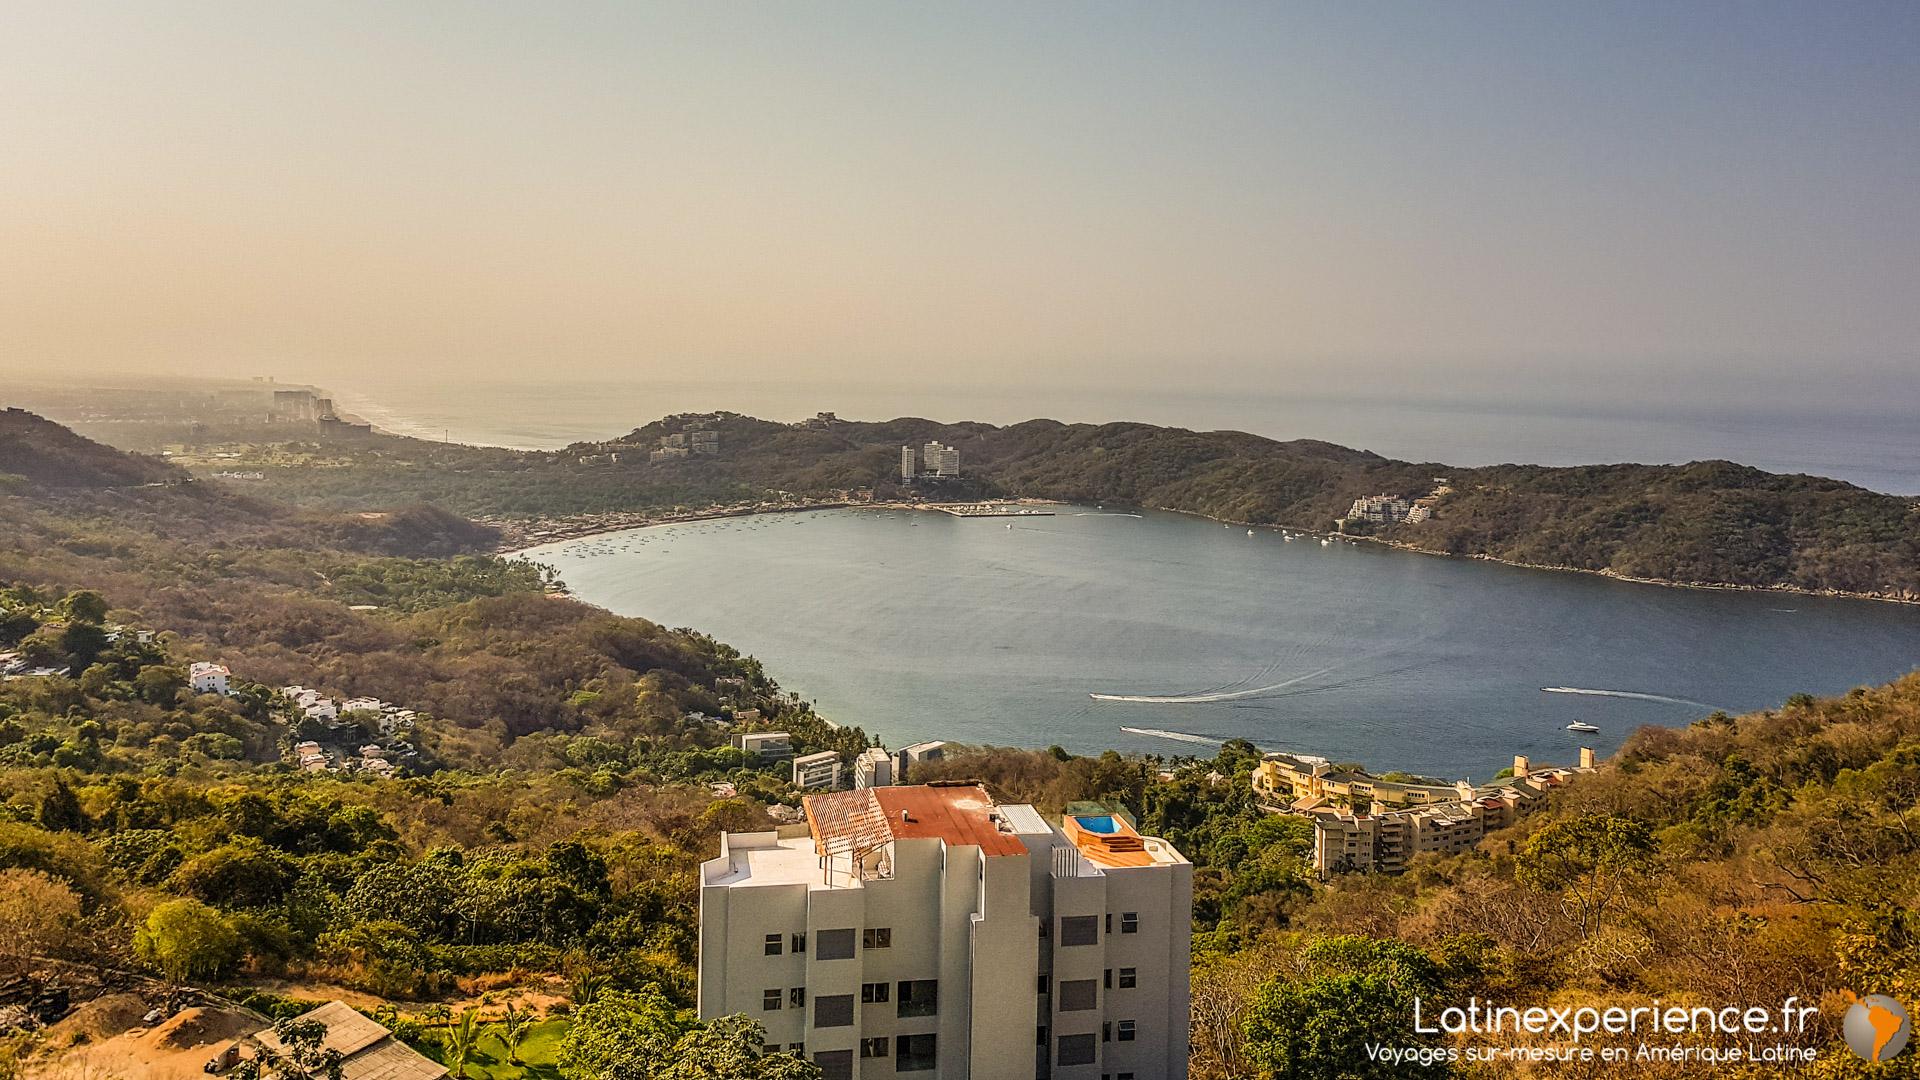 Séjour Mexique - Acapulco - Latinexperience voyages